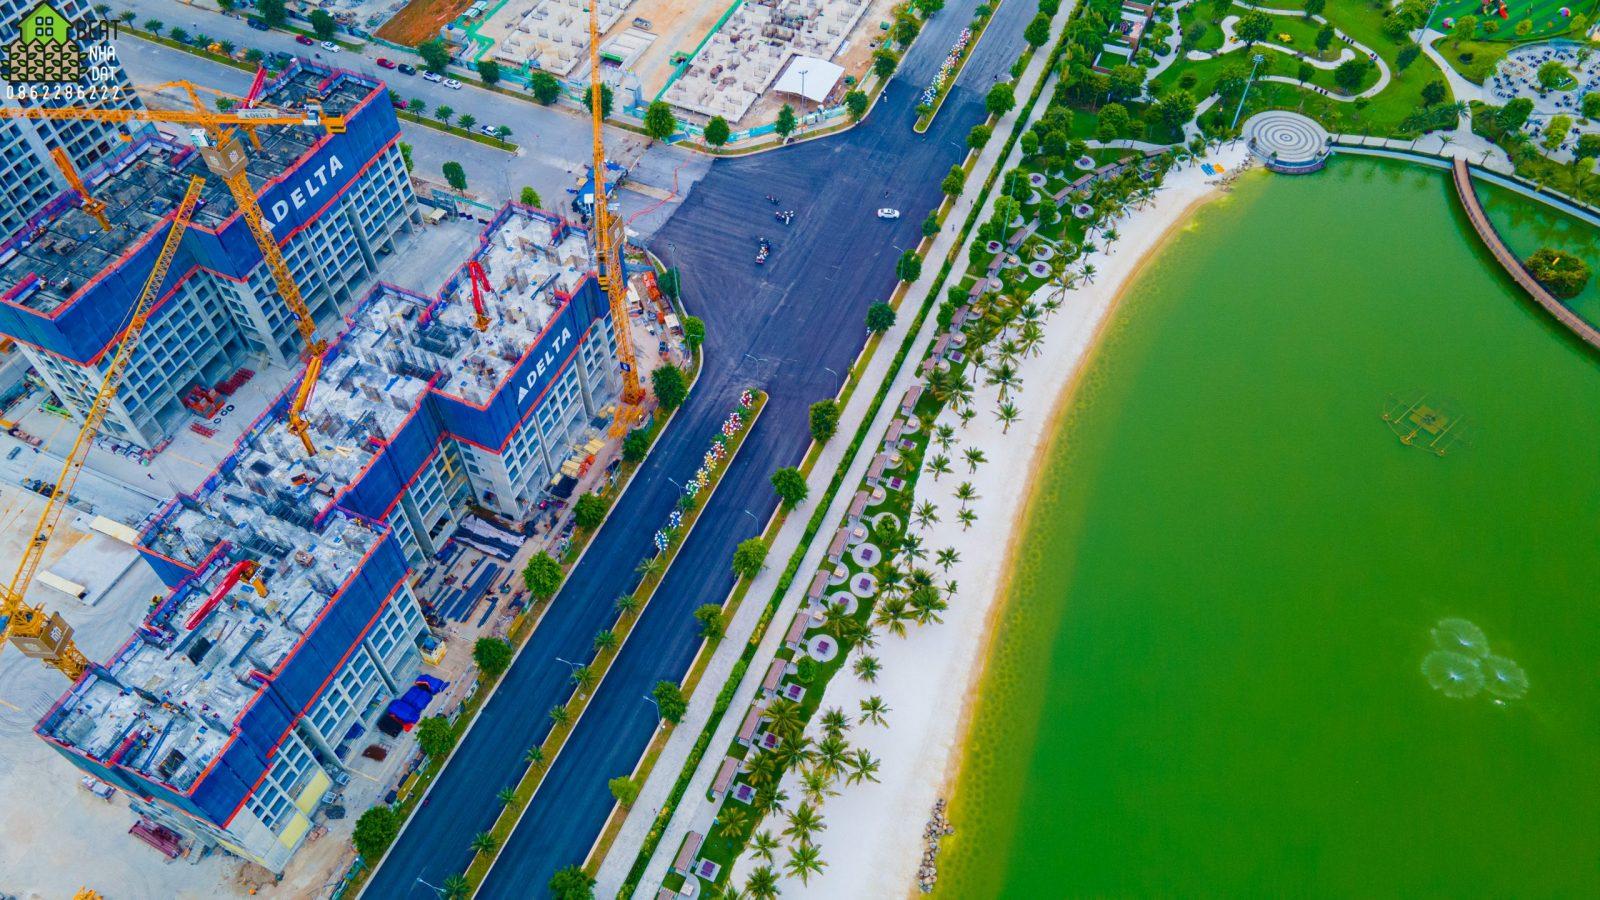 Dự án Masteri West HeightsSmart City Tây Mỗ thiết kế căn hộ với diện tích đa dạng